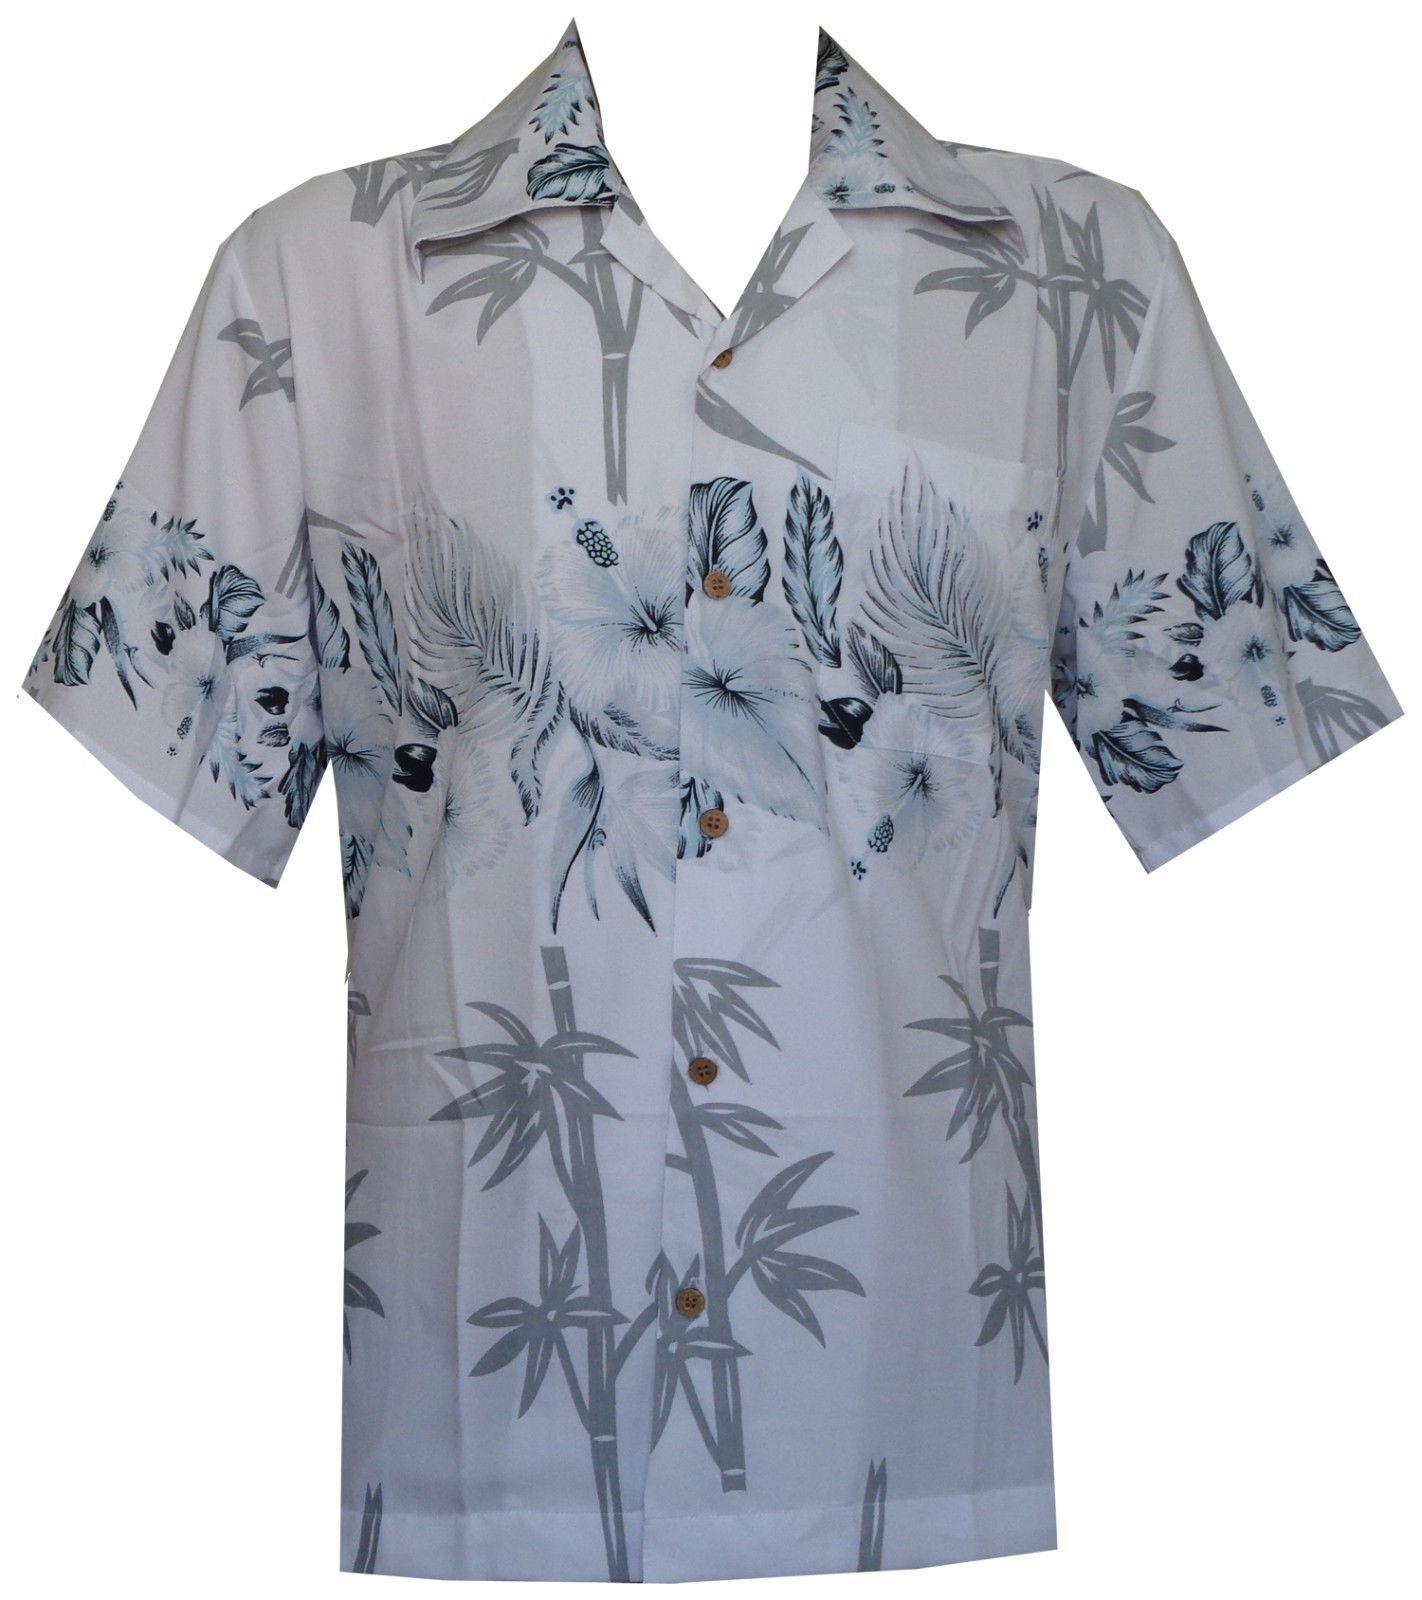 Hawaiian-Shirts-Mens-Bamboo-Tree-Print-Beach-Aloha-Party-Holiday thumbnail 13